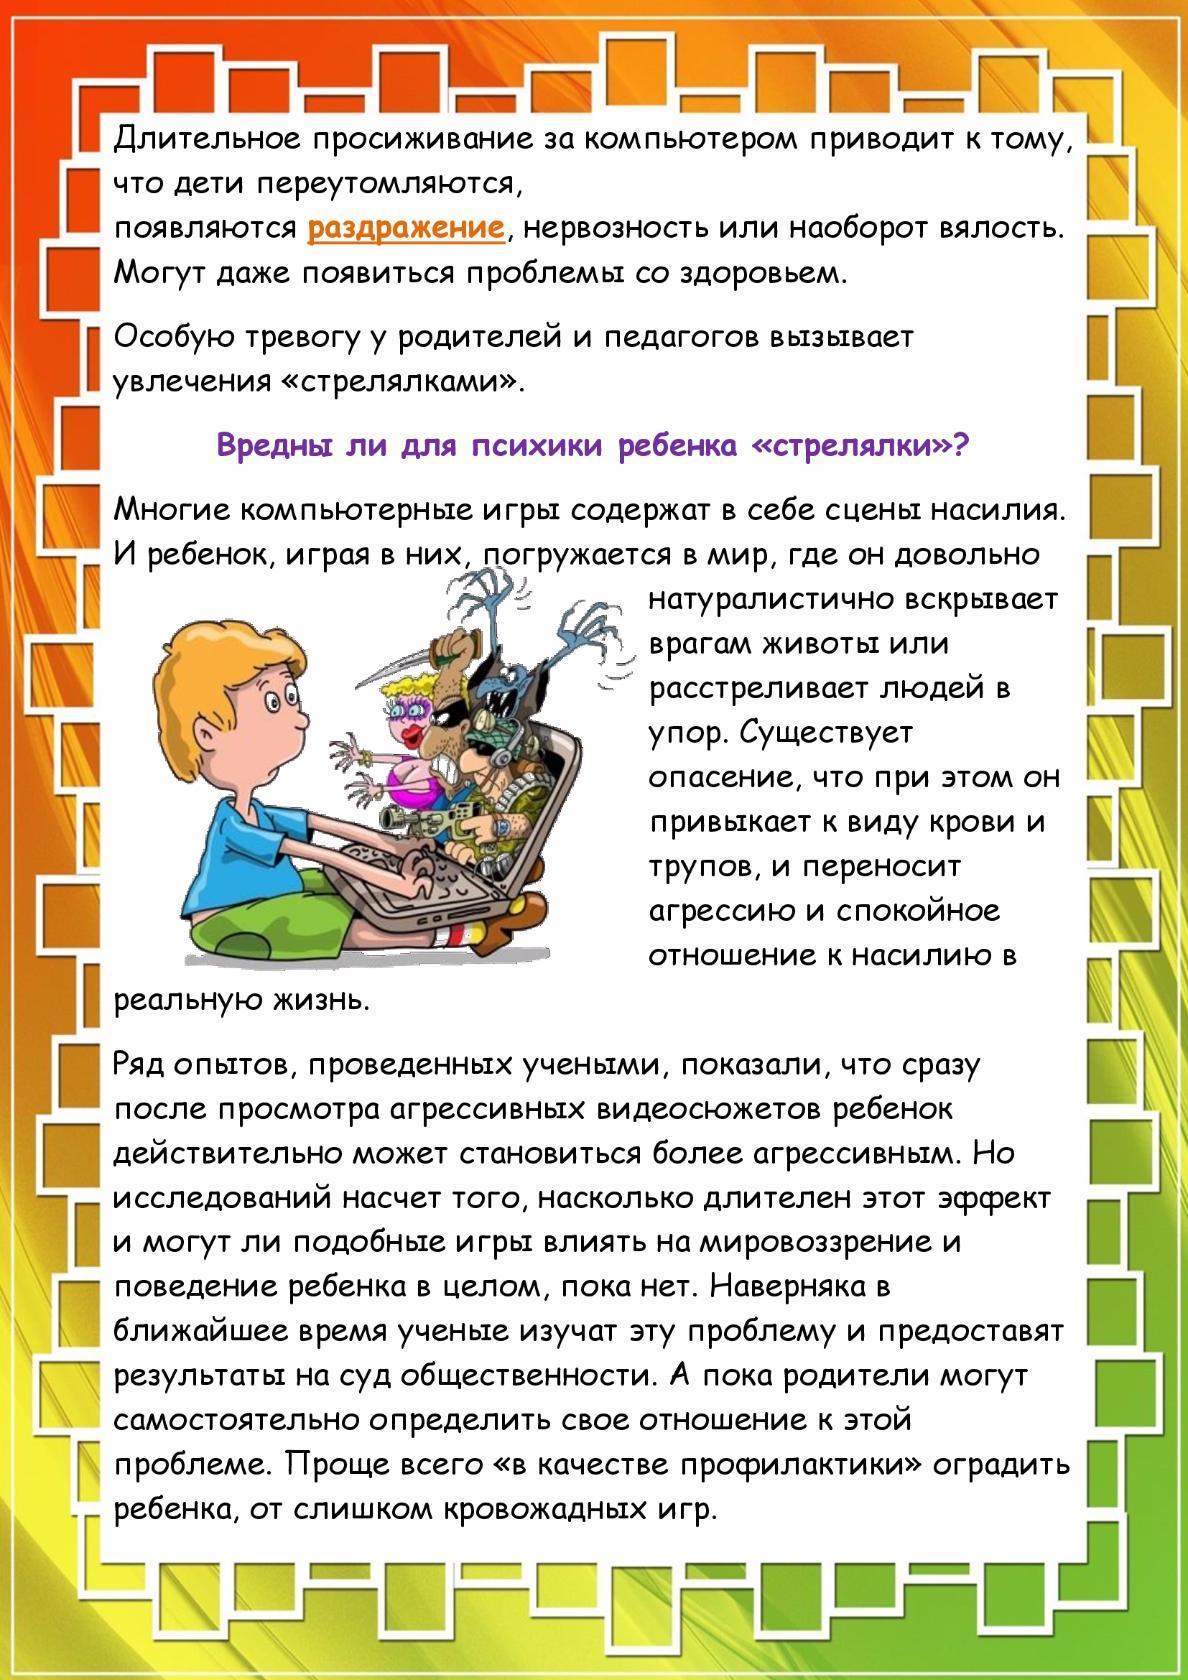 Влияние сказки на развитие ребенка дошкольника